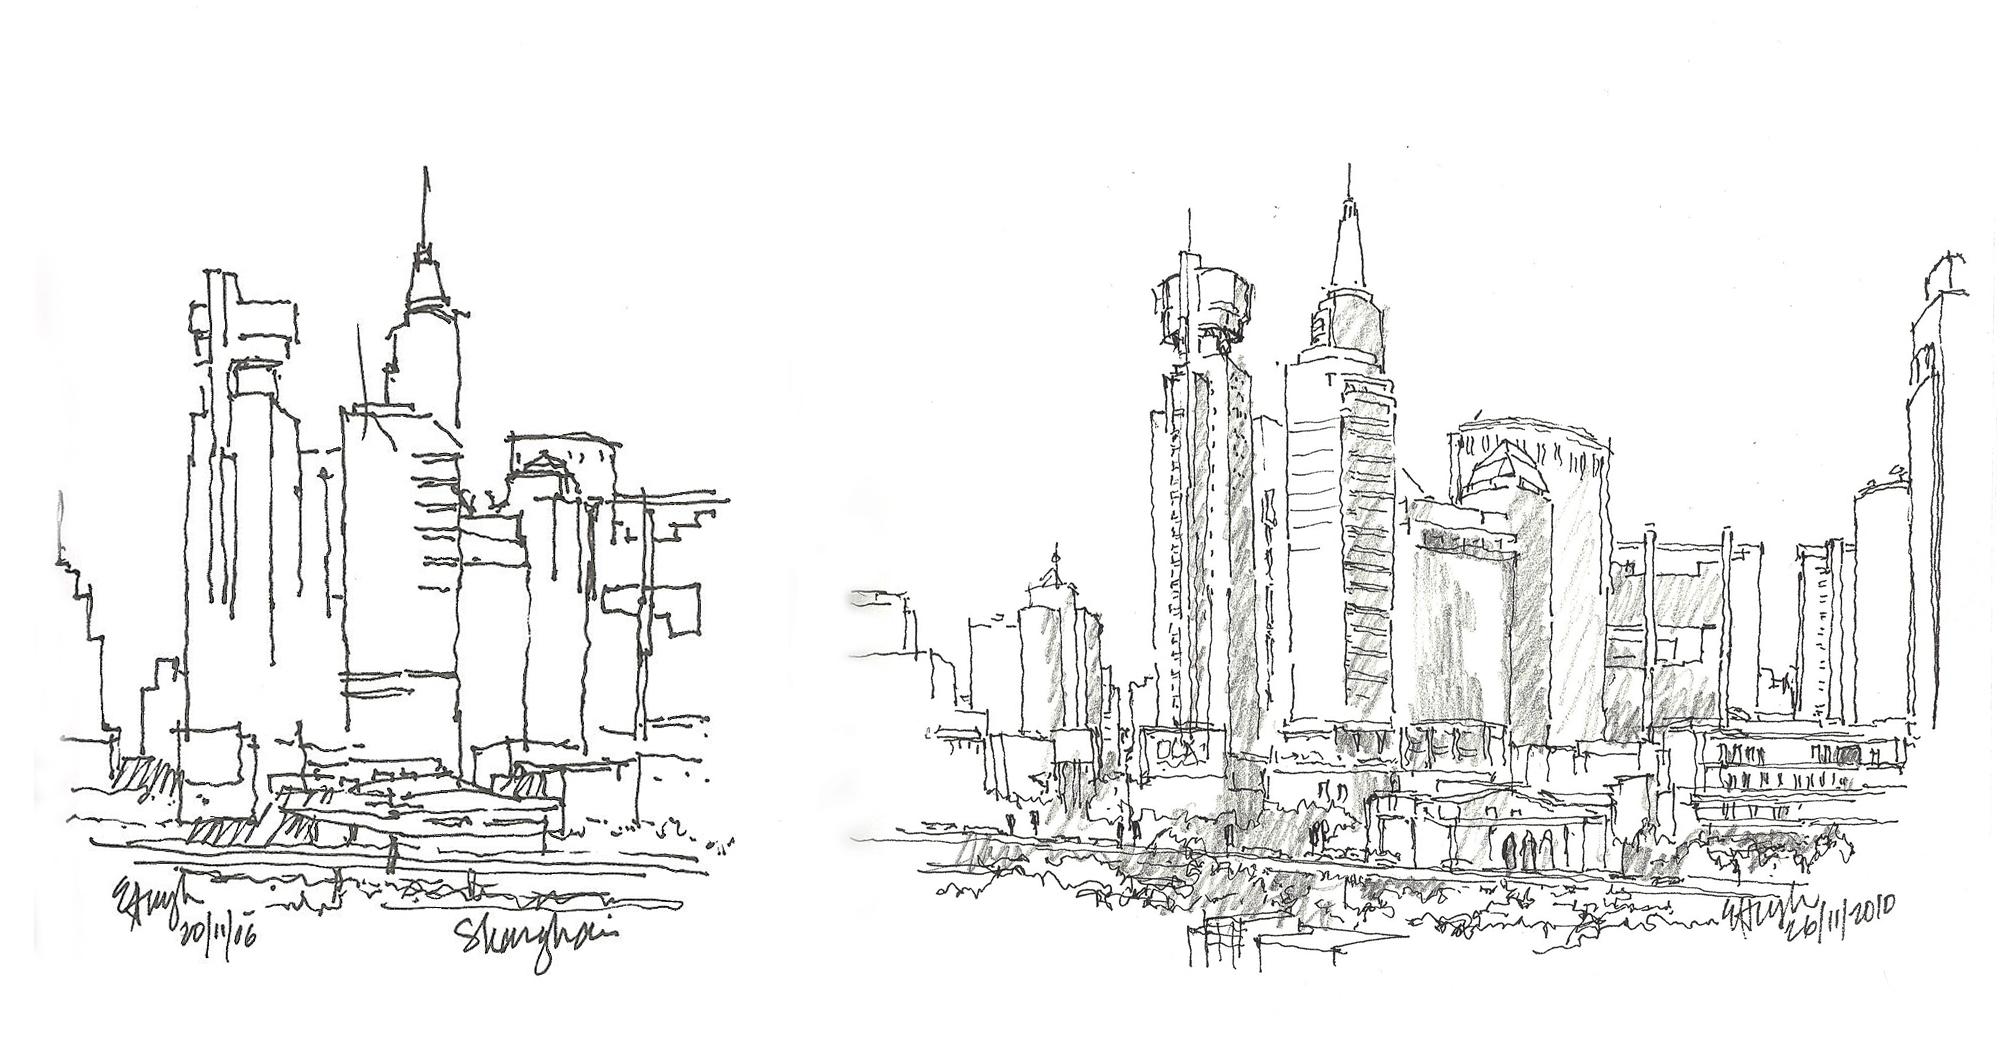 shanghai skyline sketches 2006 2010 sketchingjourney. Black Bedroom Furniture Sets. Home Design Ideas